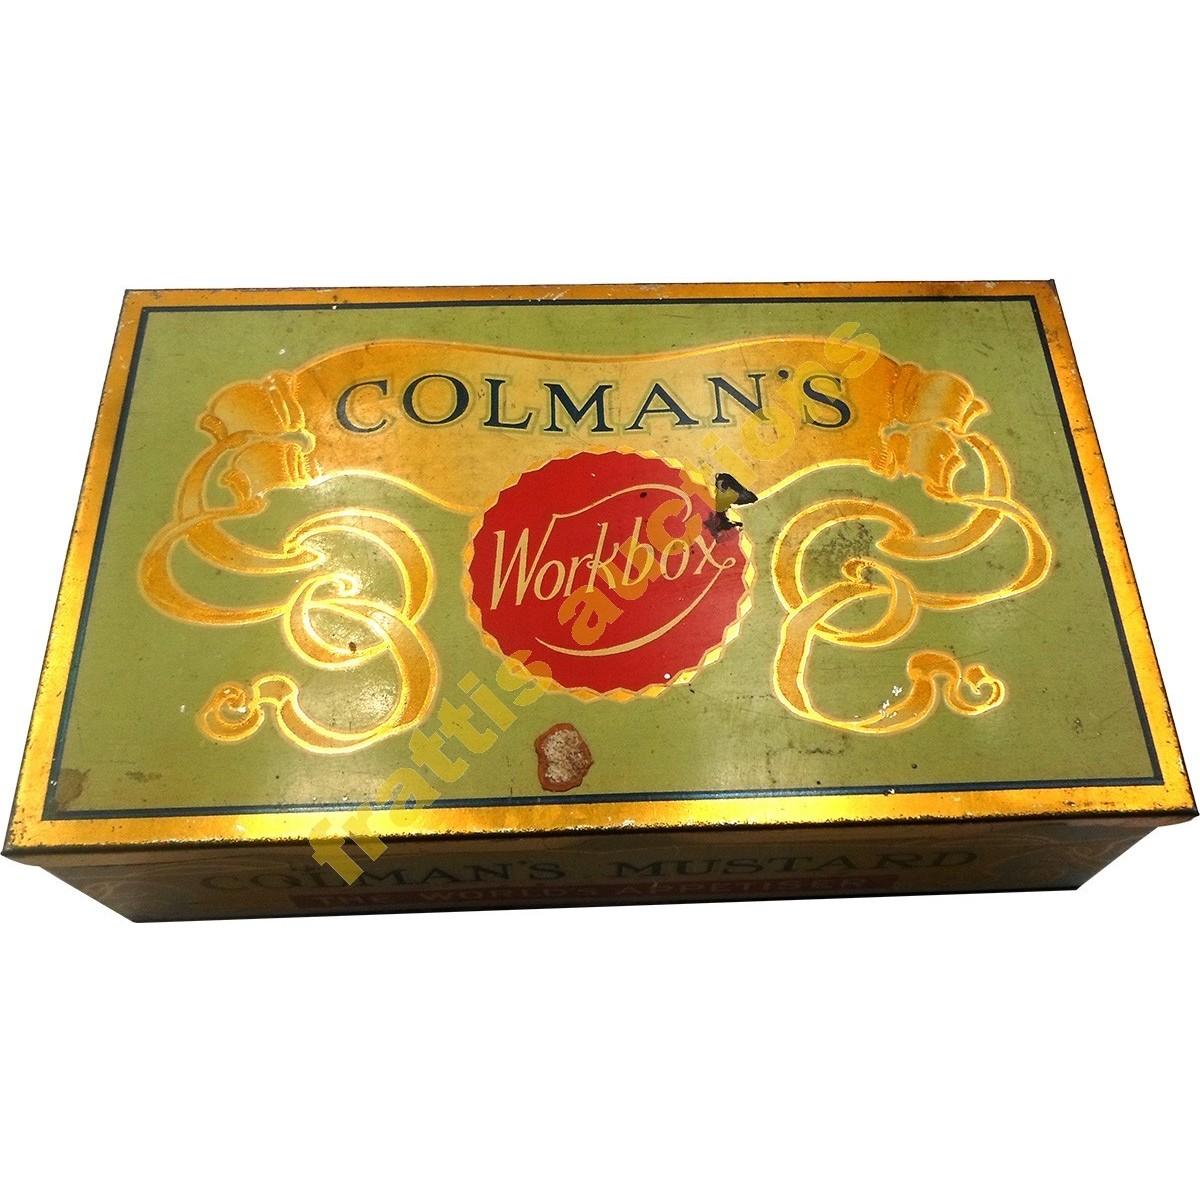 Colman's Mustard, μεταλλικό κουτί.